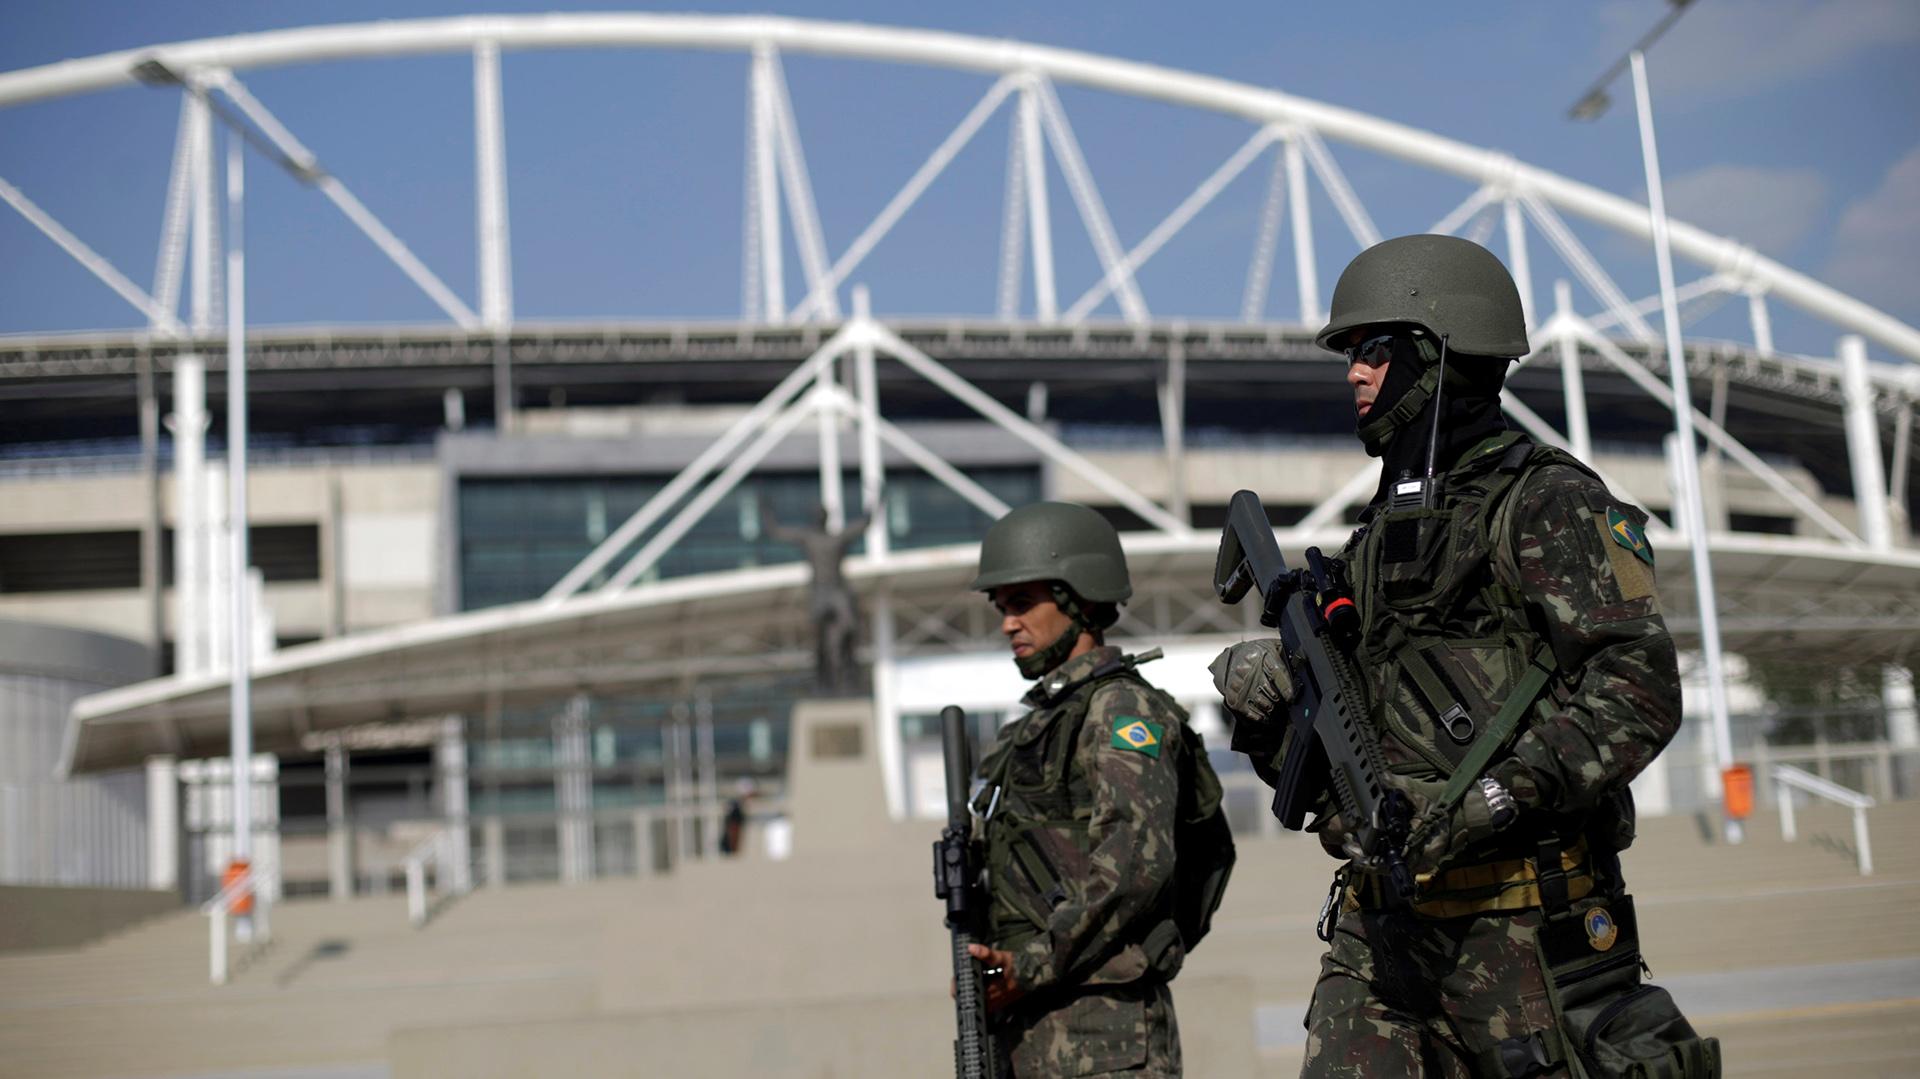 Soldados frente al Estadio Maracaná, recinto donde los Juegos Olímpicos tendrán su ceremonia inaugural, el 5 de agosto, y su acto de cierre, el día 21 (REUTERS)